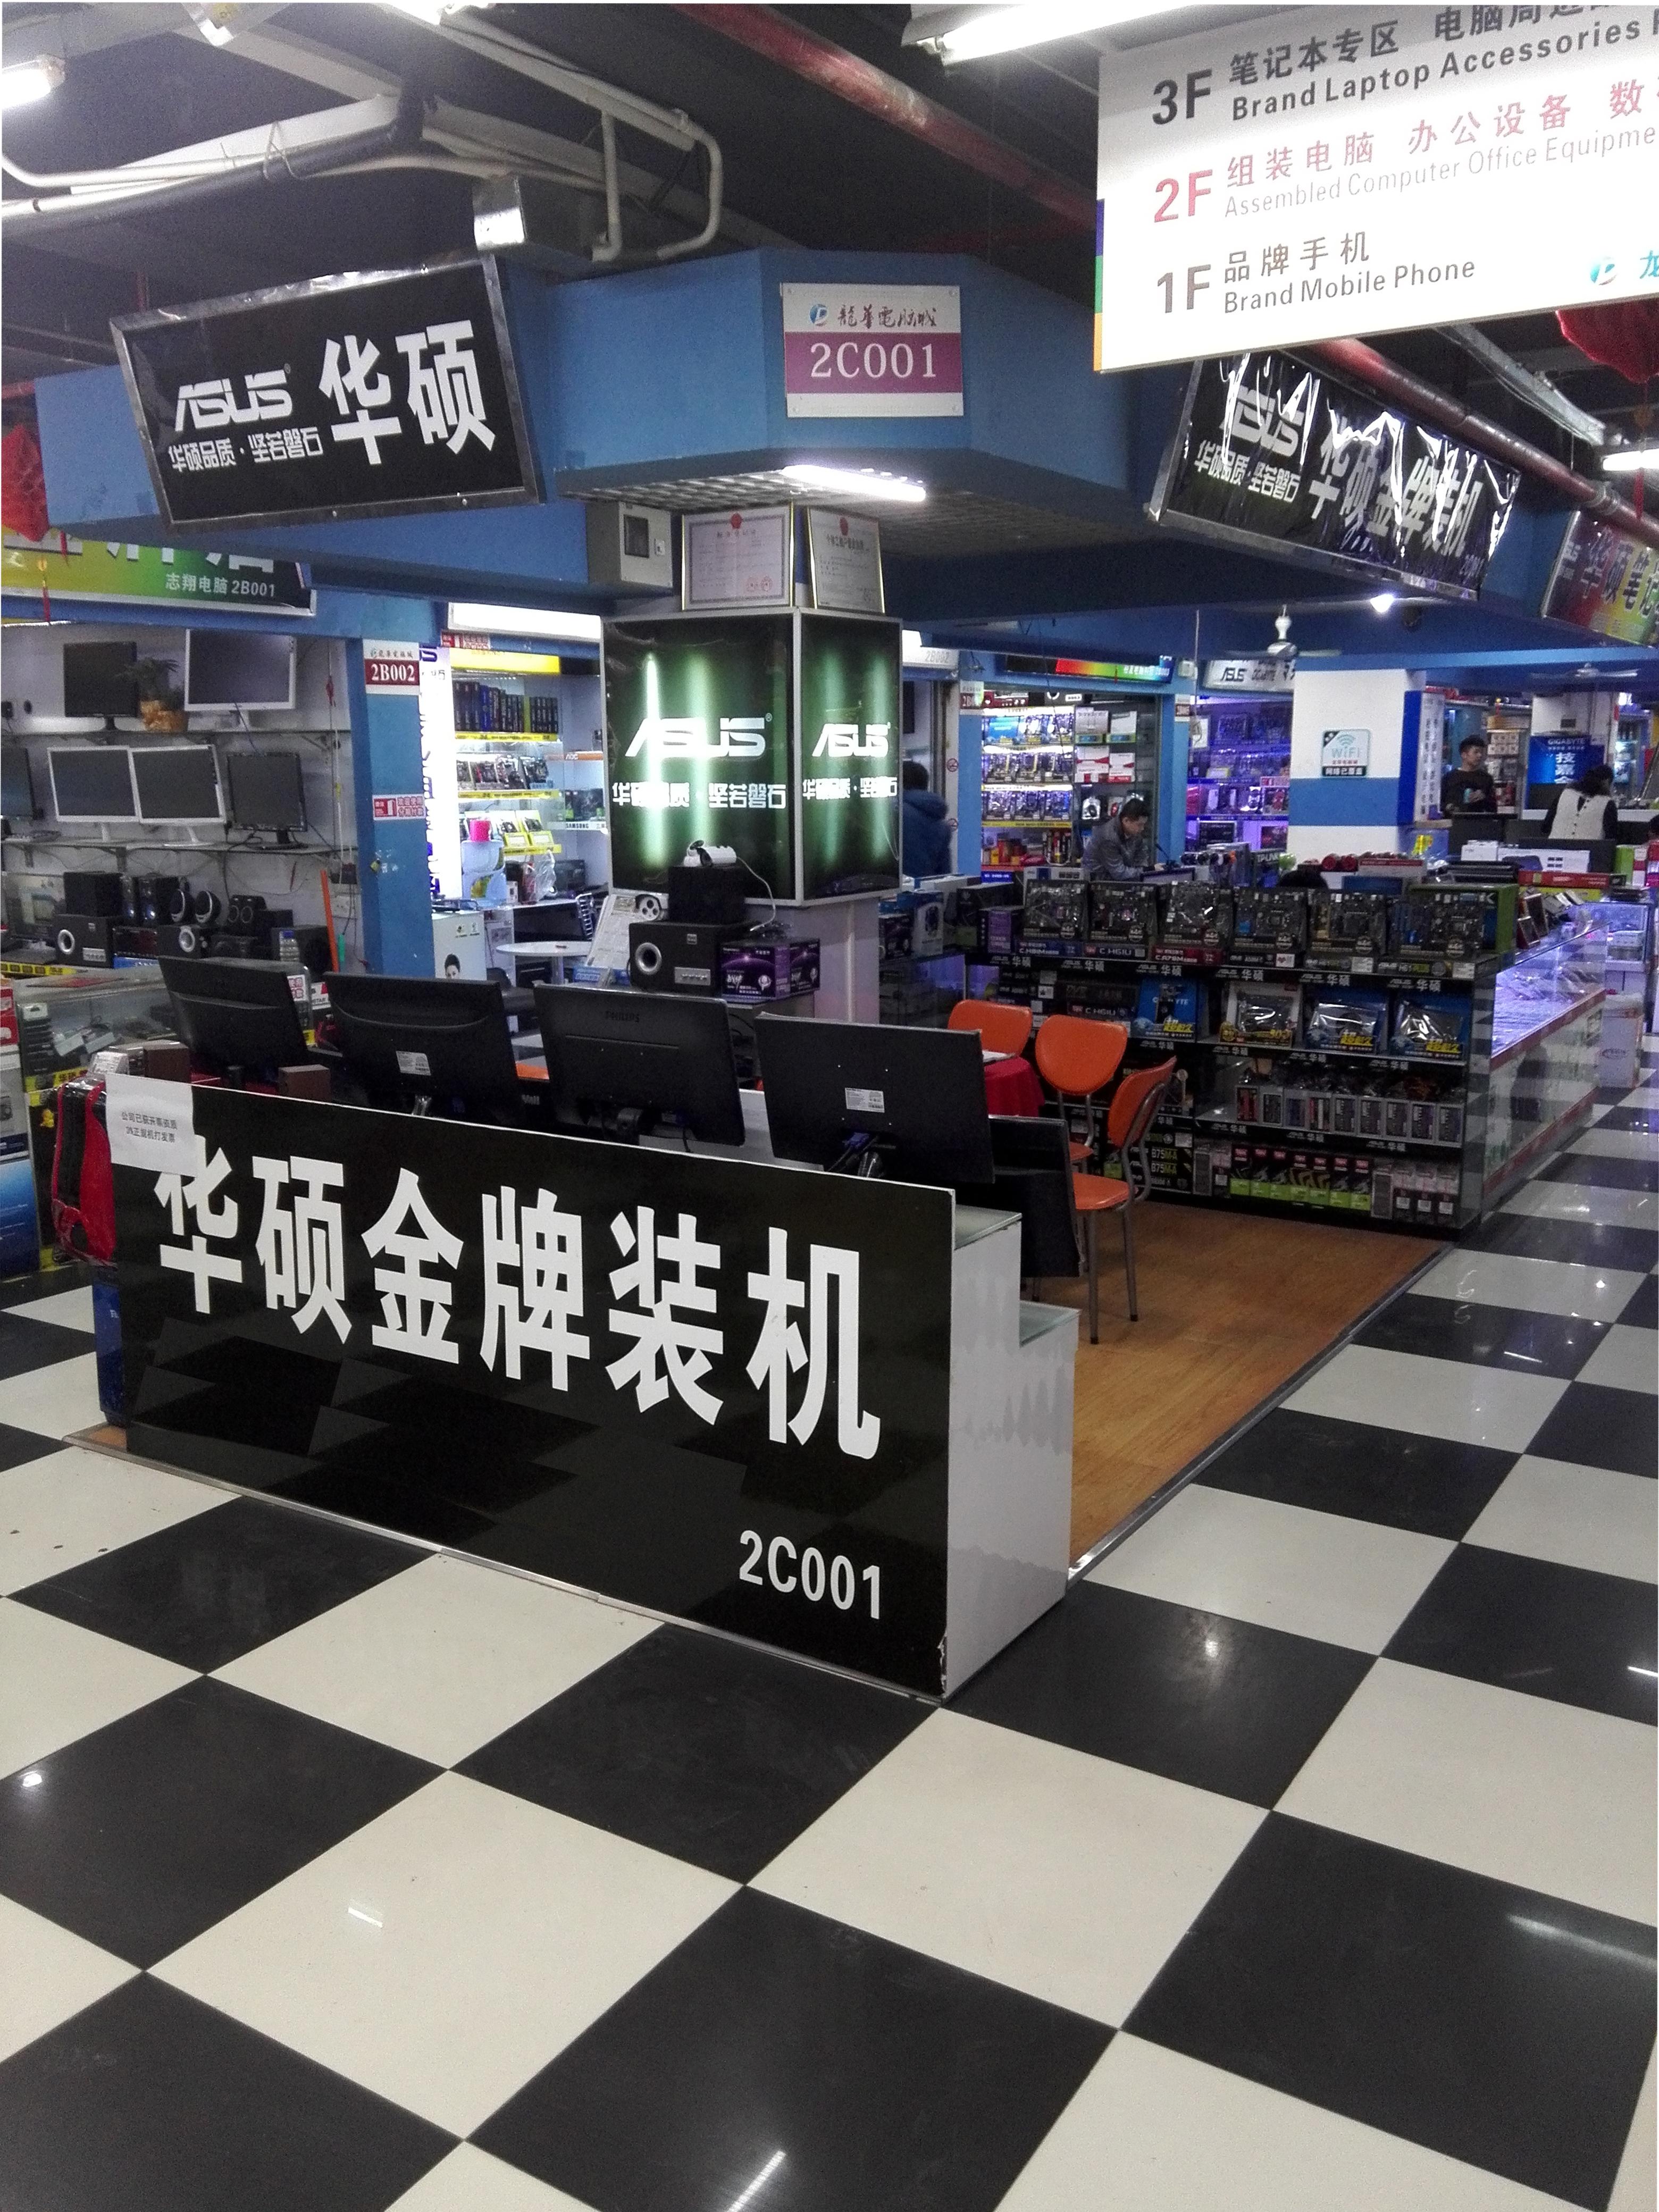 飞宏电脑服务网点2015.jpg